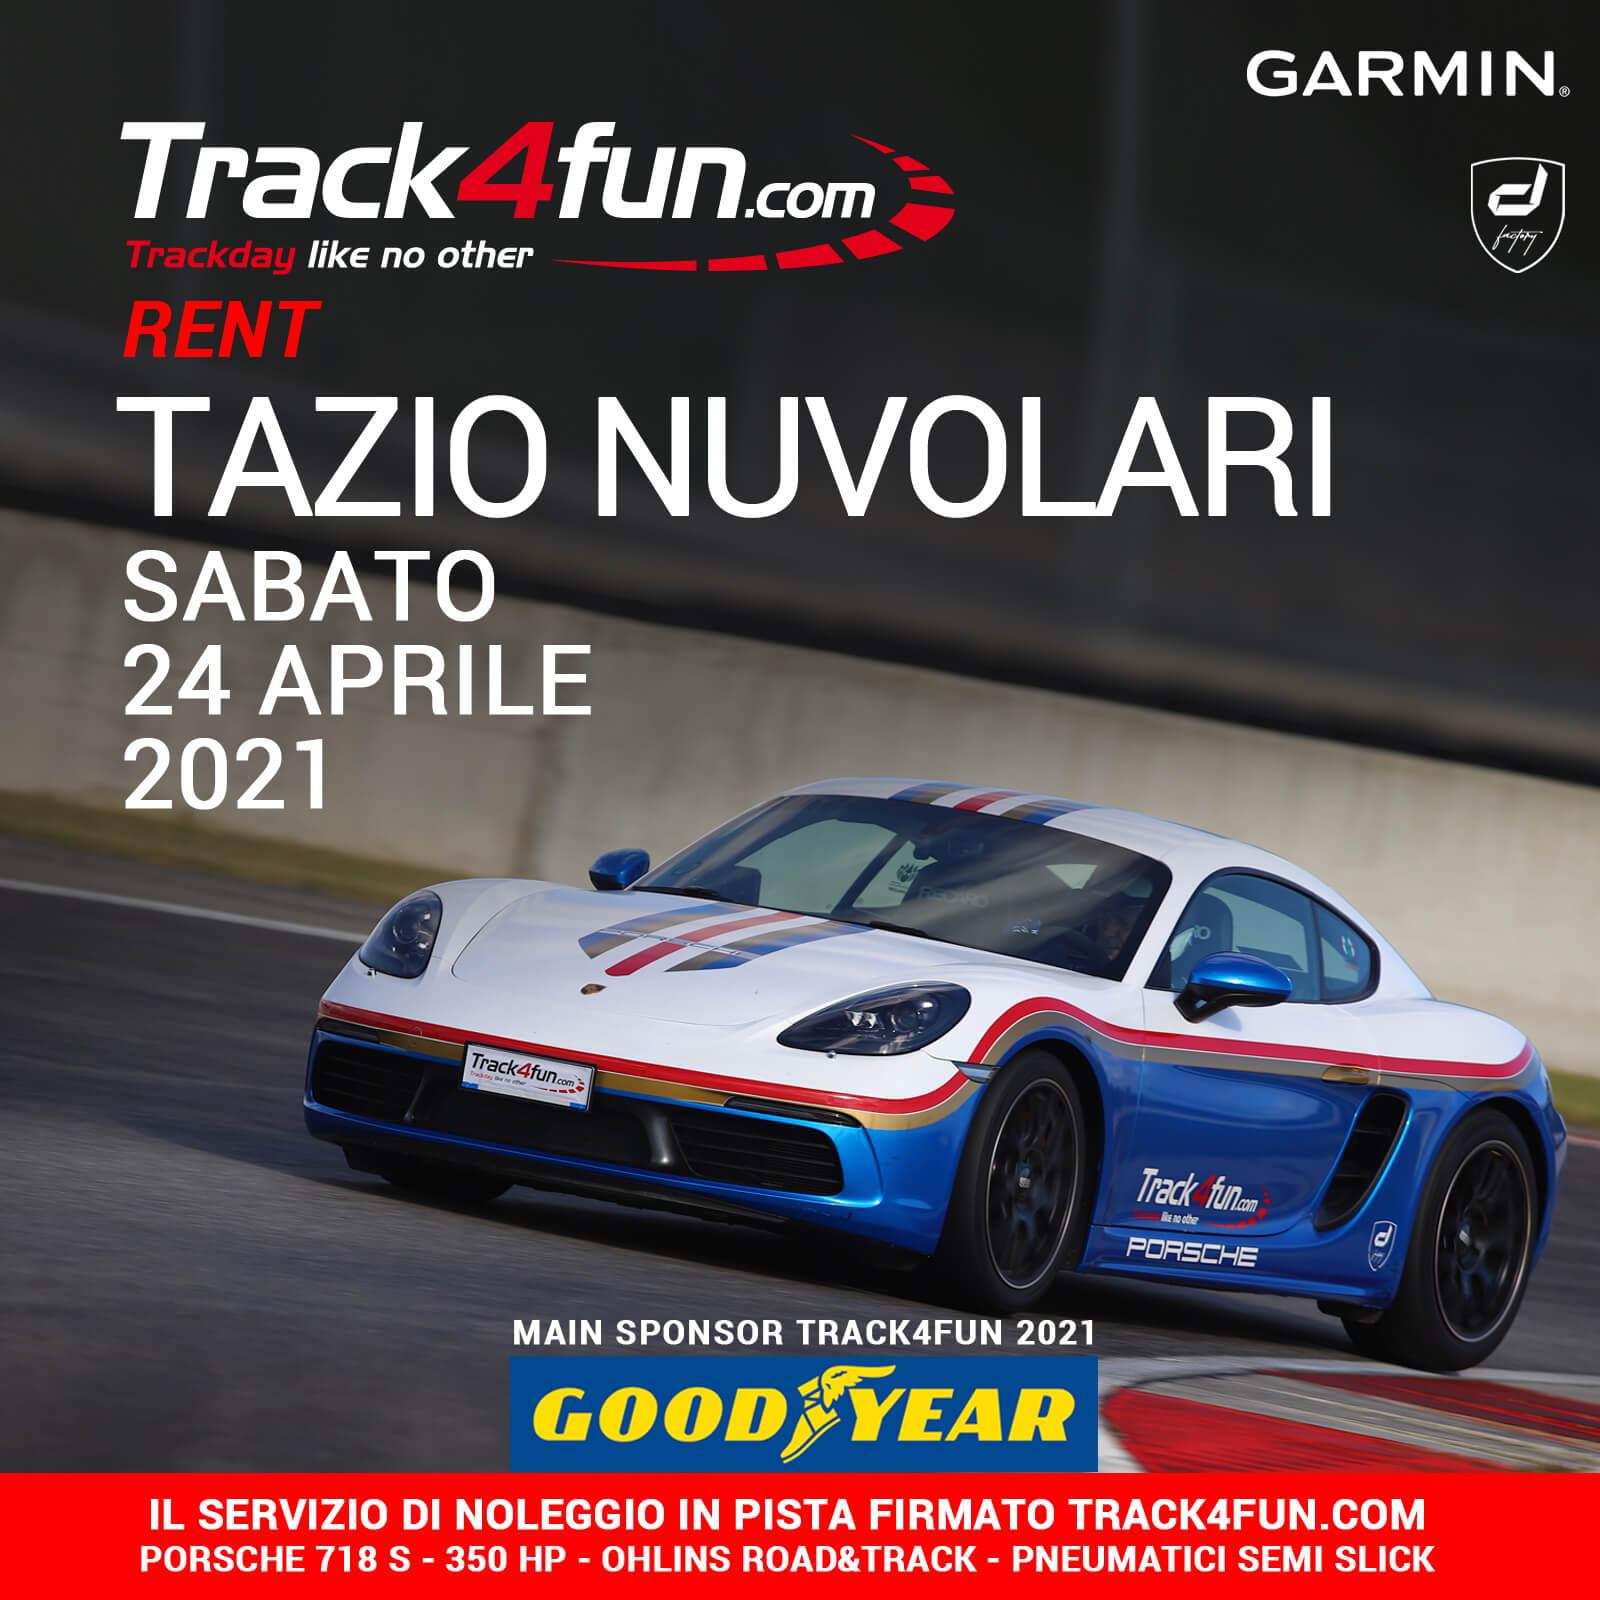 Track4fun Rent Tazio Nuvolari 24-04-2021